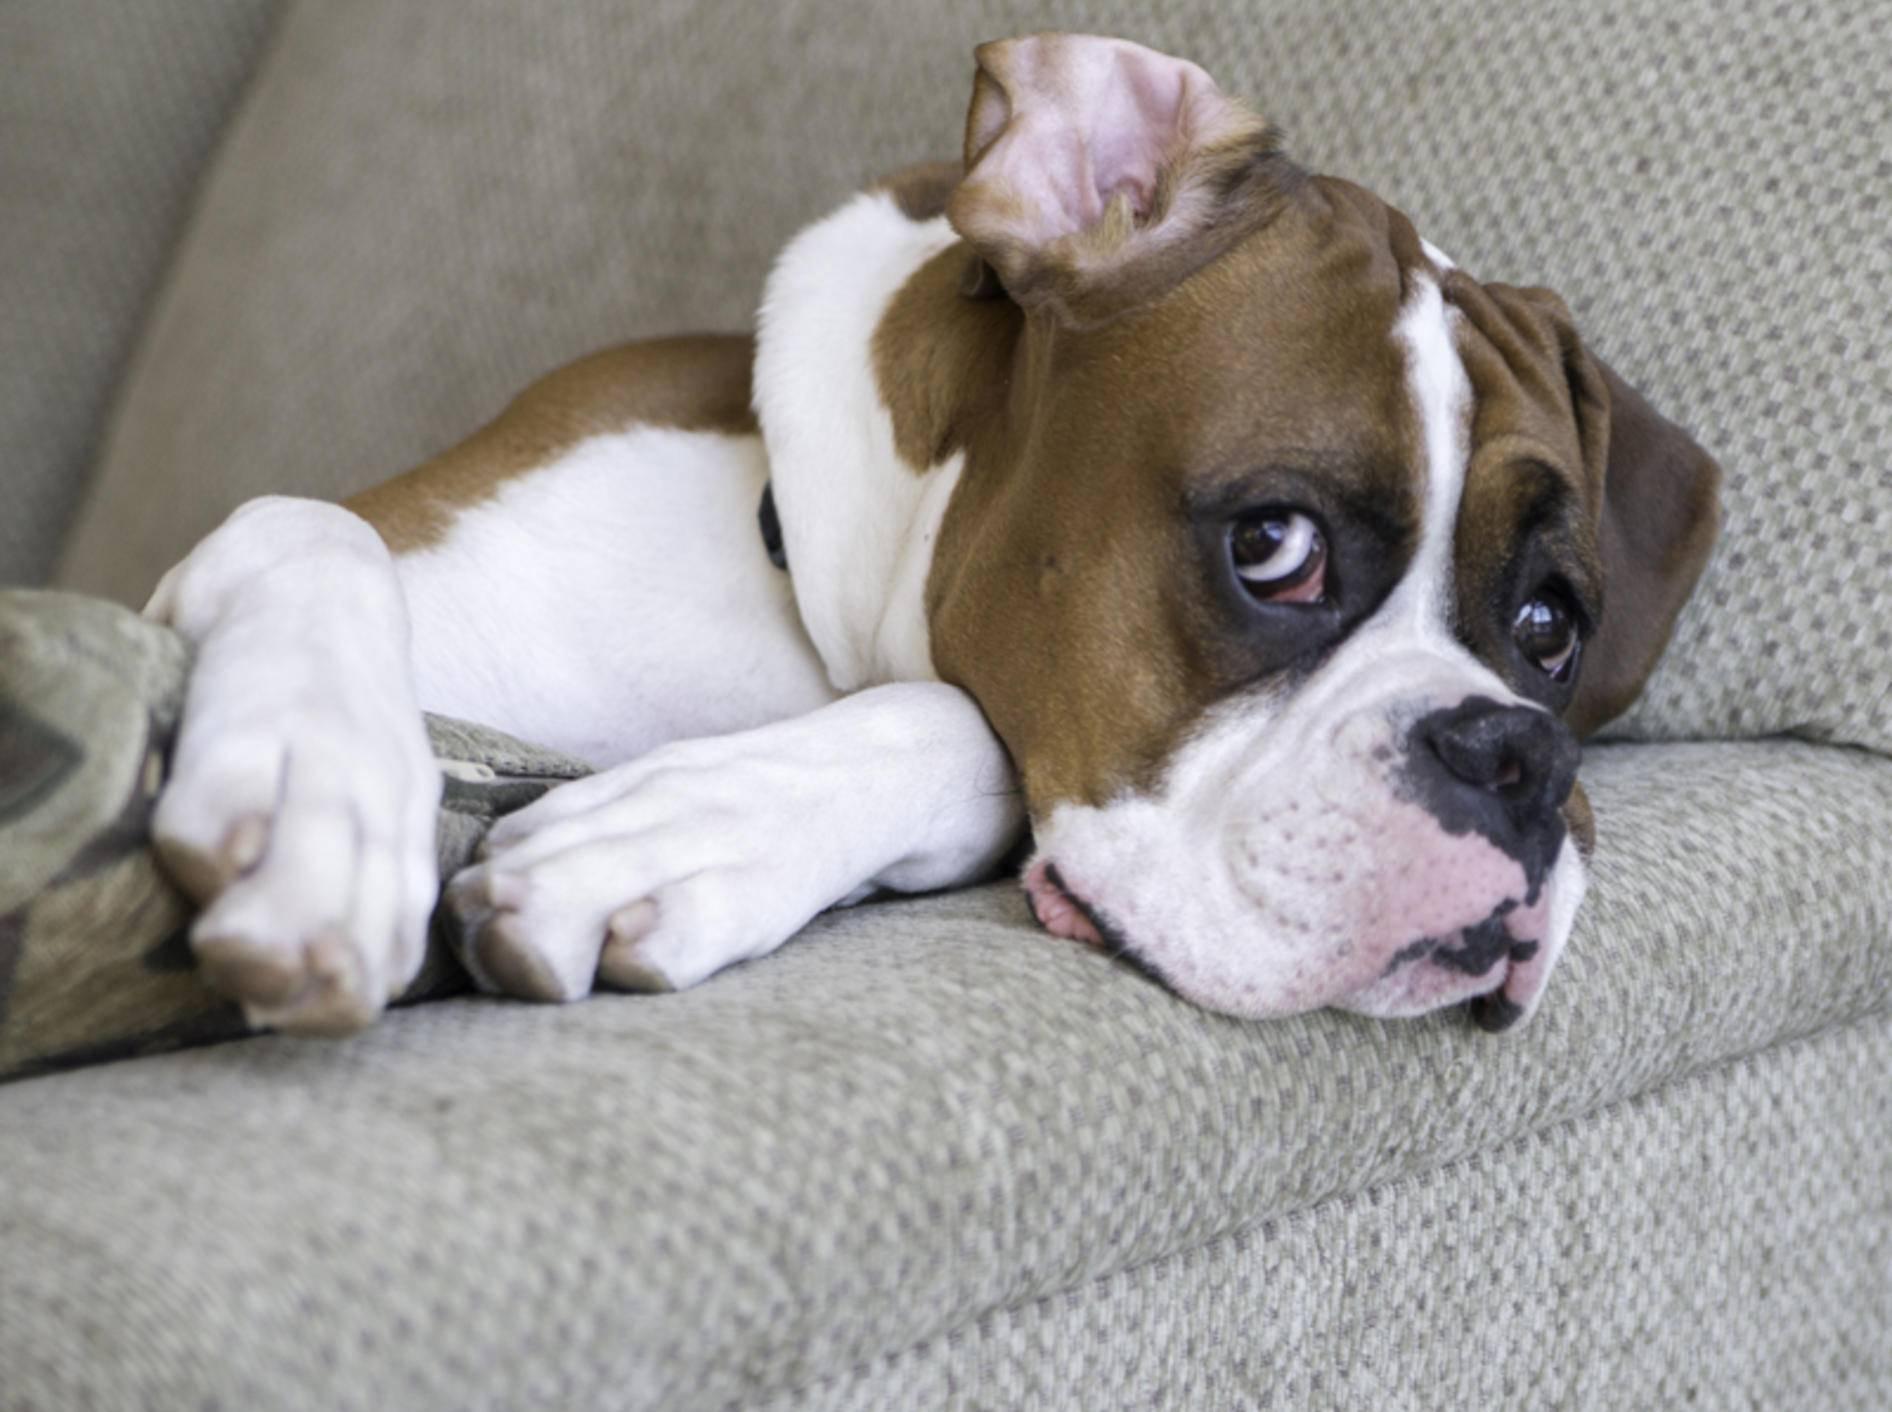 Hund liegt auf dem Sofa: Rangordnungsprobleme oder schlechte Erziehung? – Bild: Shutterstock / Tony Moran